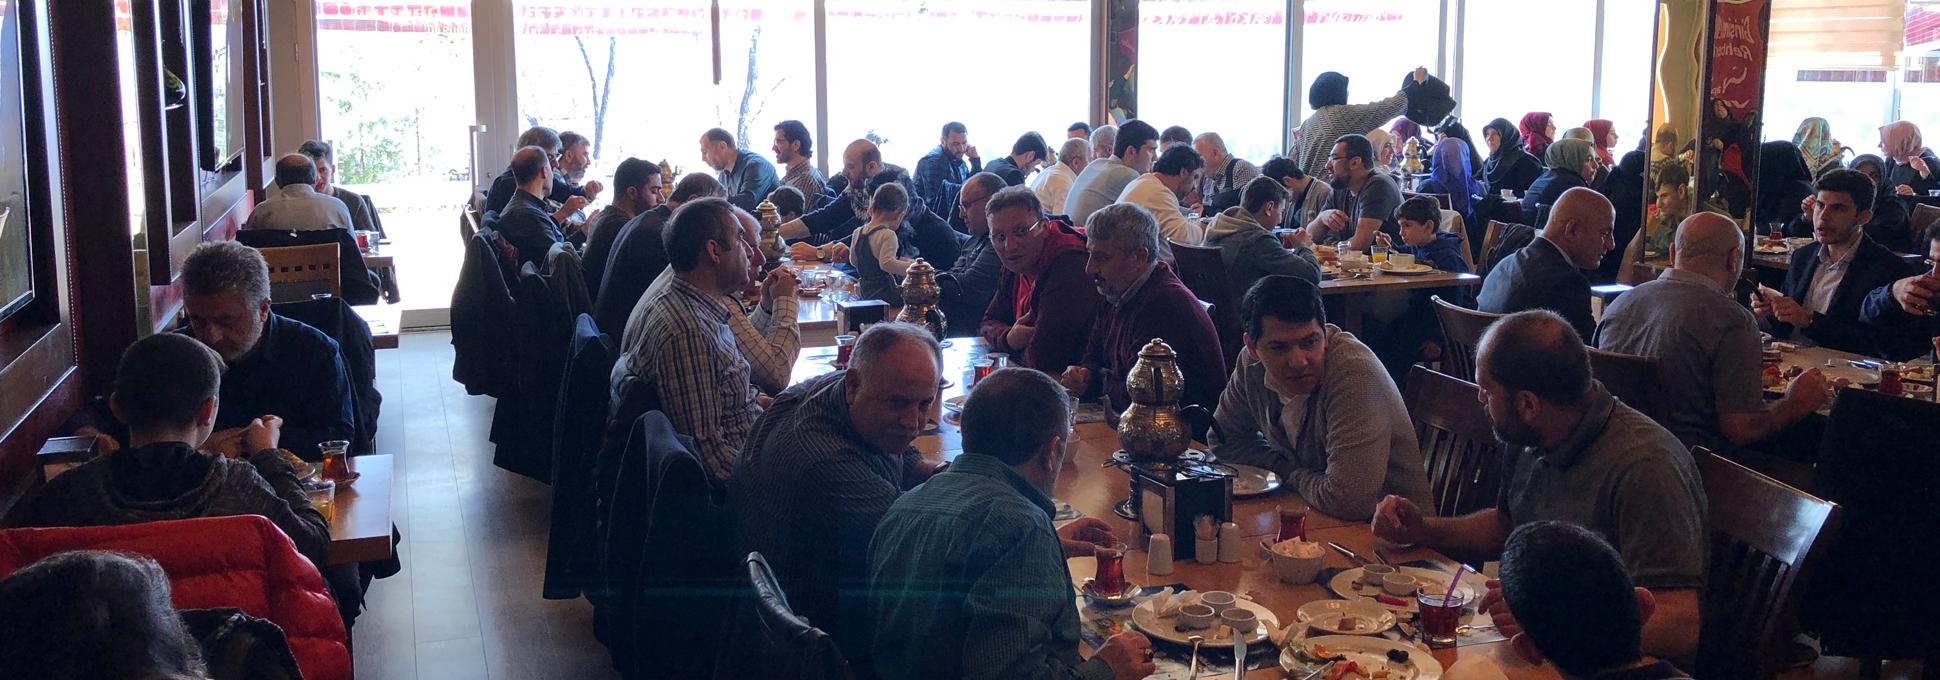 Üyelerimiz Aileleriyle Birlikte Kahvaltıda Buluştu